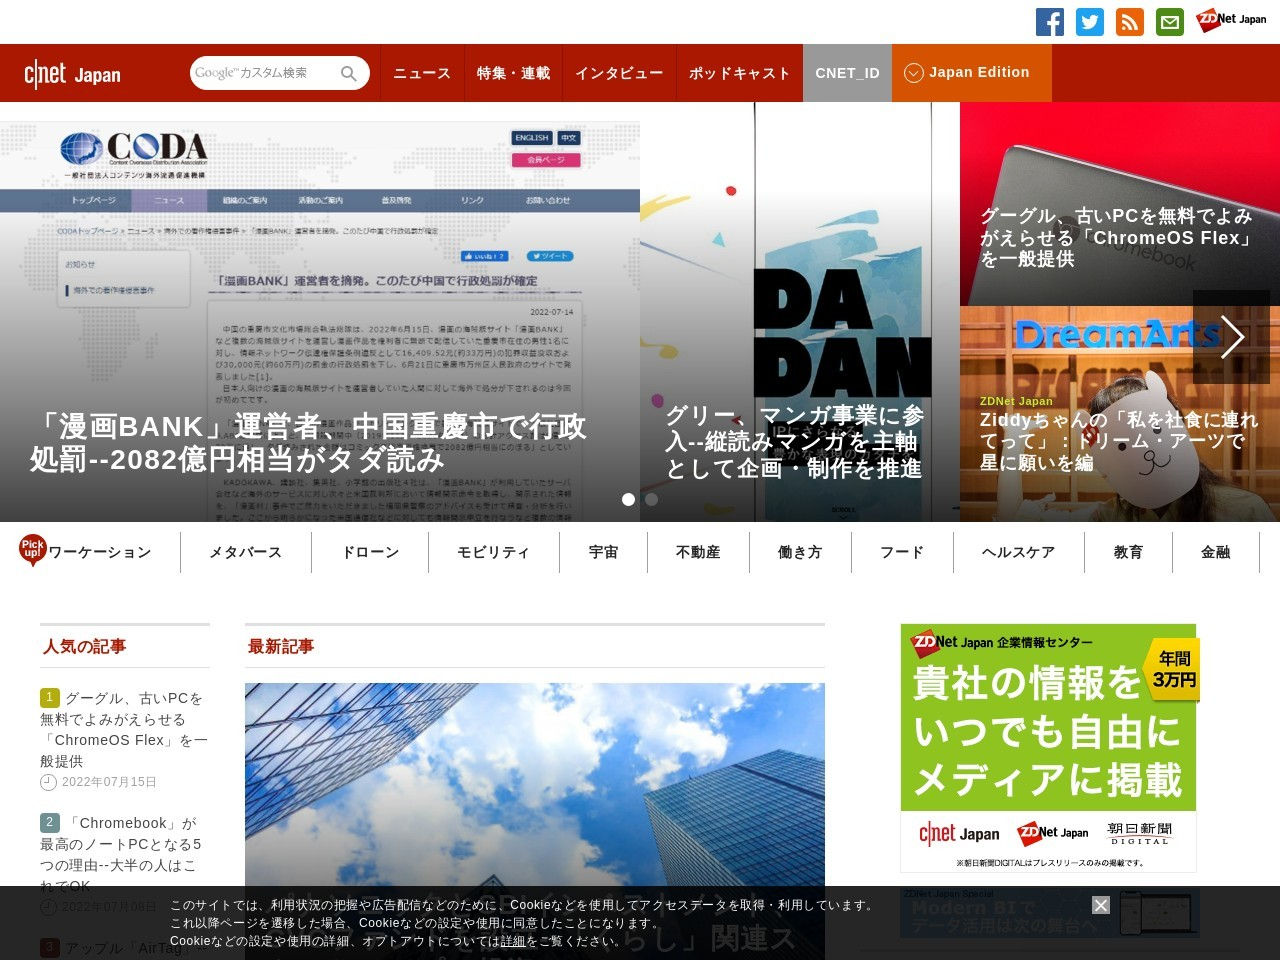 「価格.com」、「格安SIM・大手携帯キャリア満足度ランキング」「ネット回線満足度ランキング」2019年版を発表